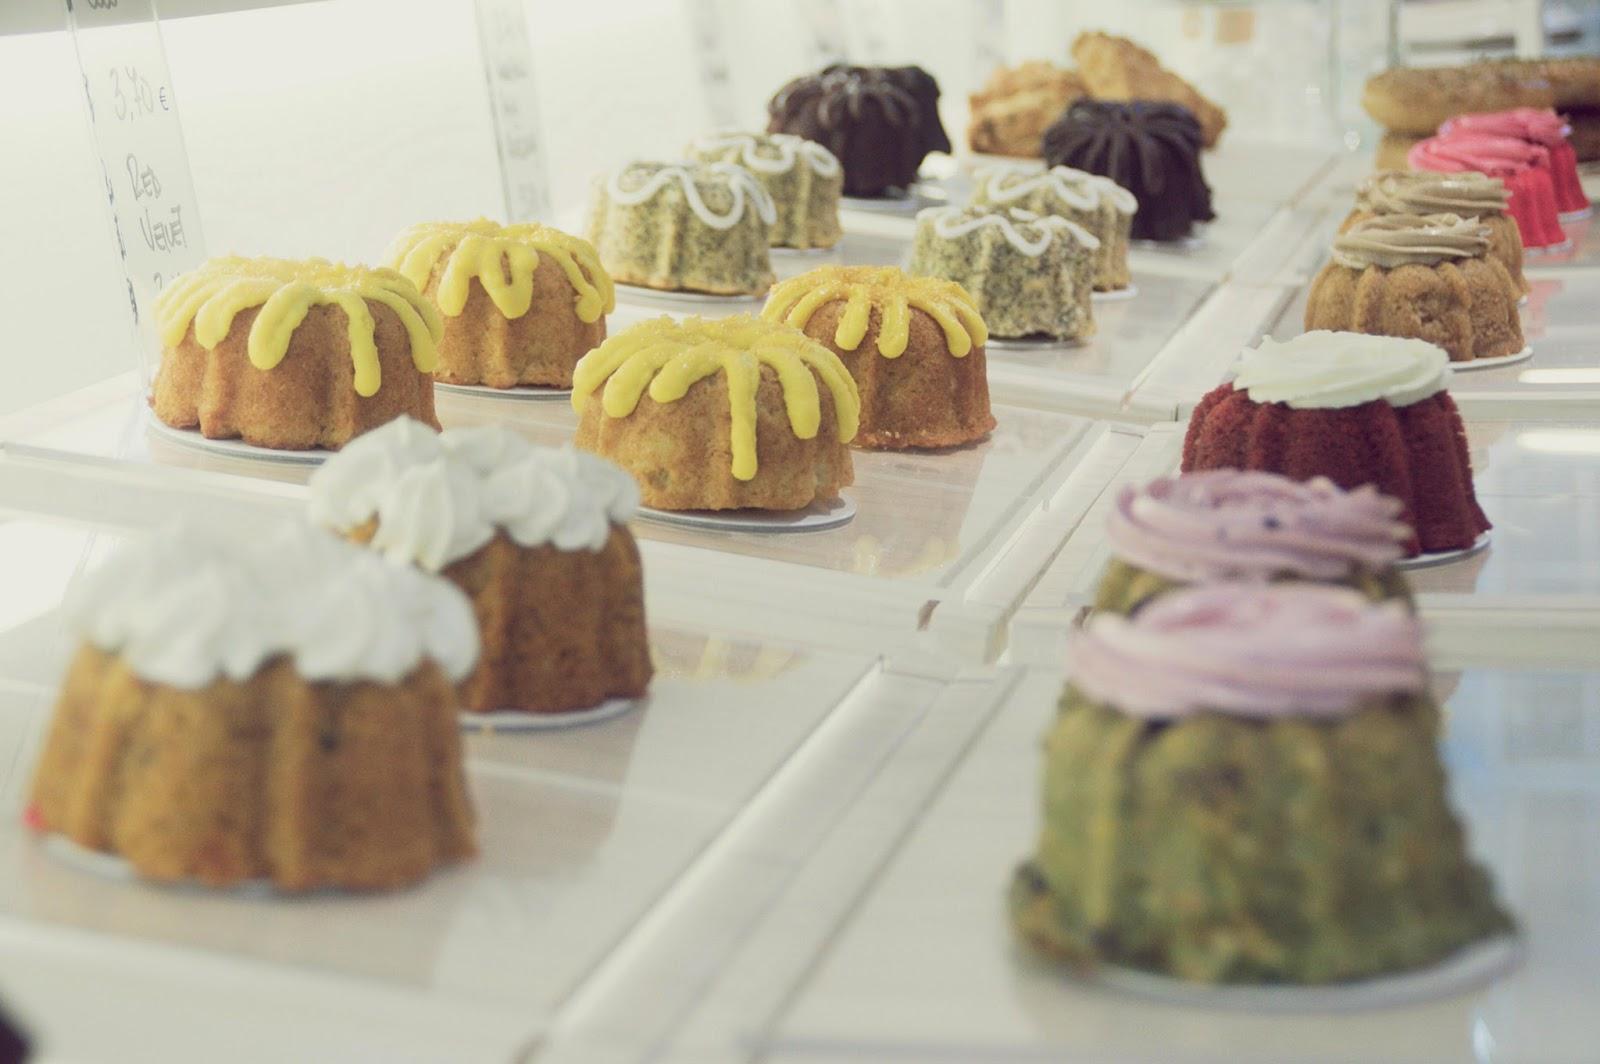 LaBlanca La Pura pastelería Barcelona